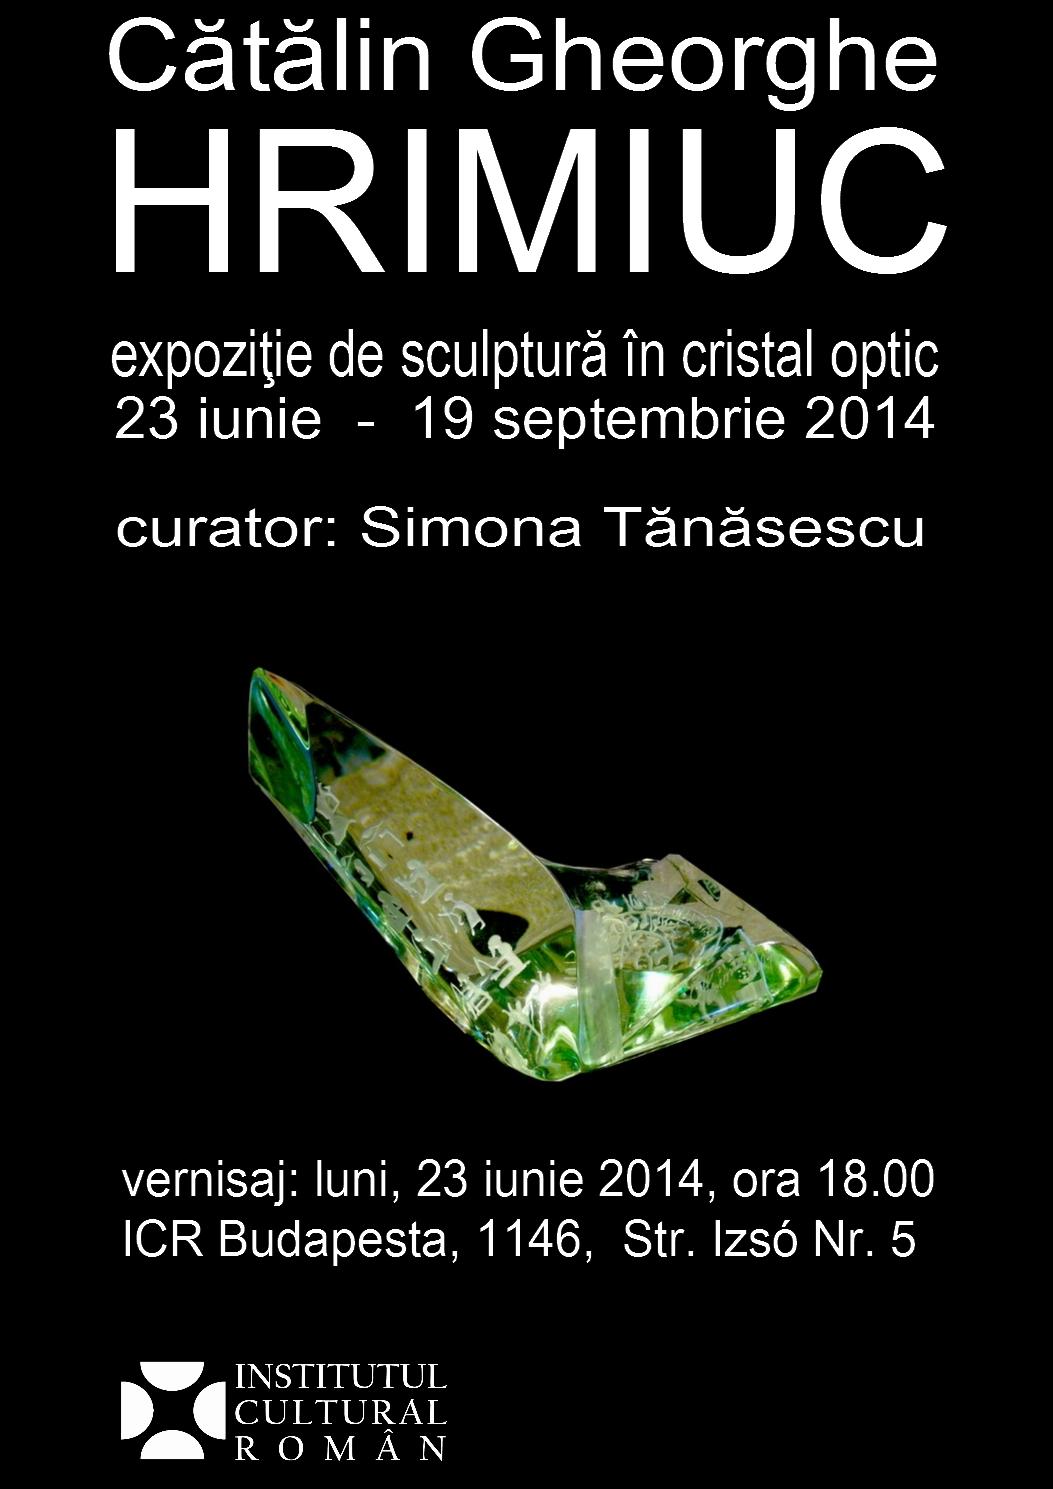 Expoziţie de sculptură în cristal optic de Cătălin Gheorghe Hrimiuc la Institutul Cultural Român Budapesta